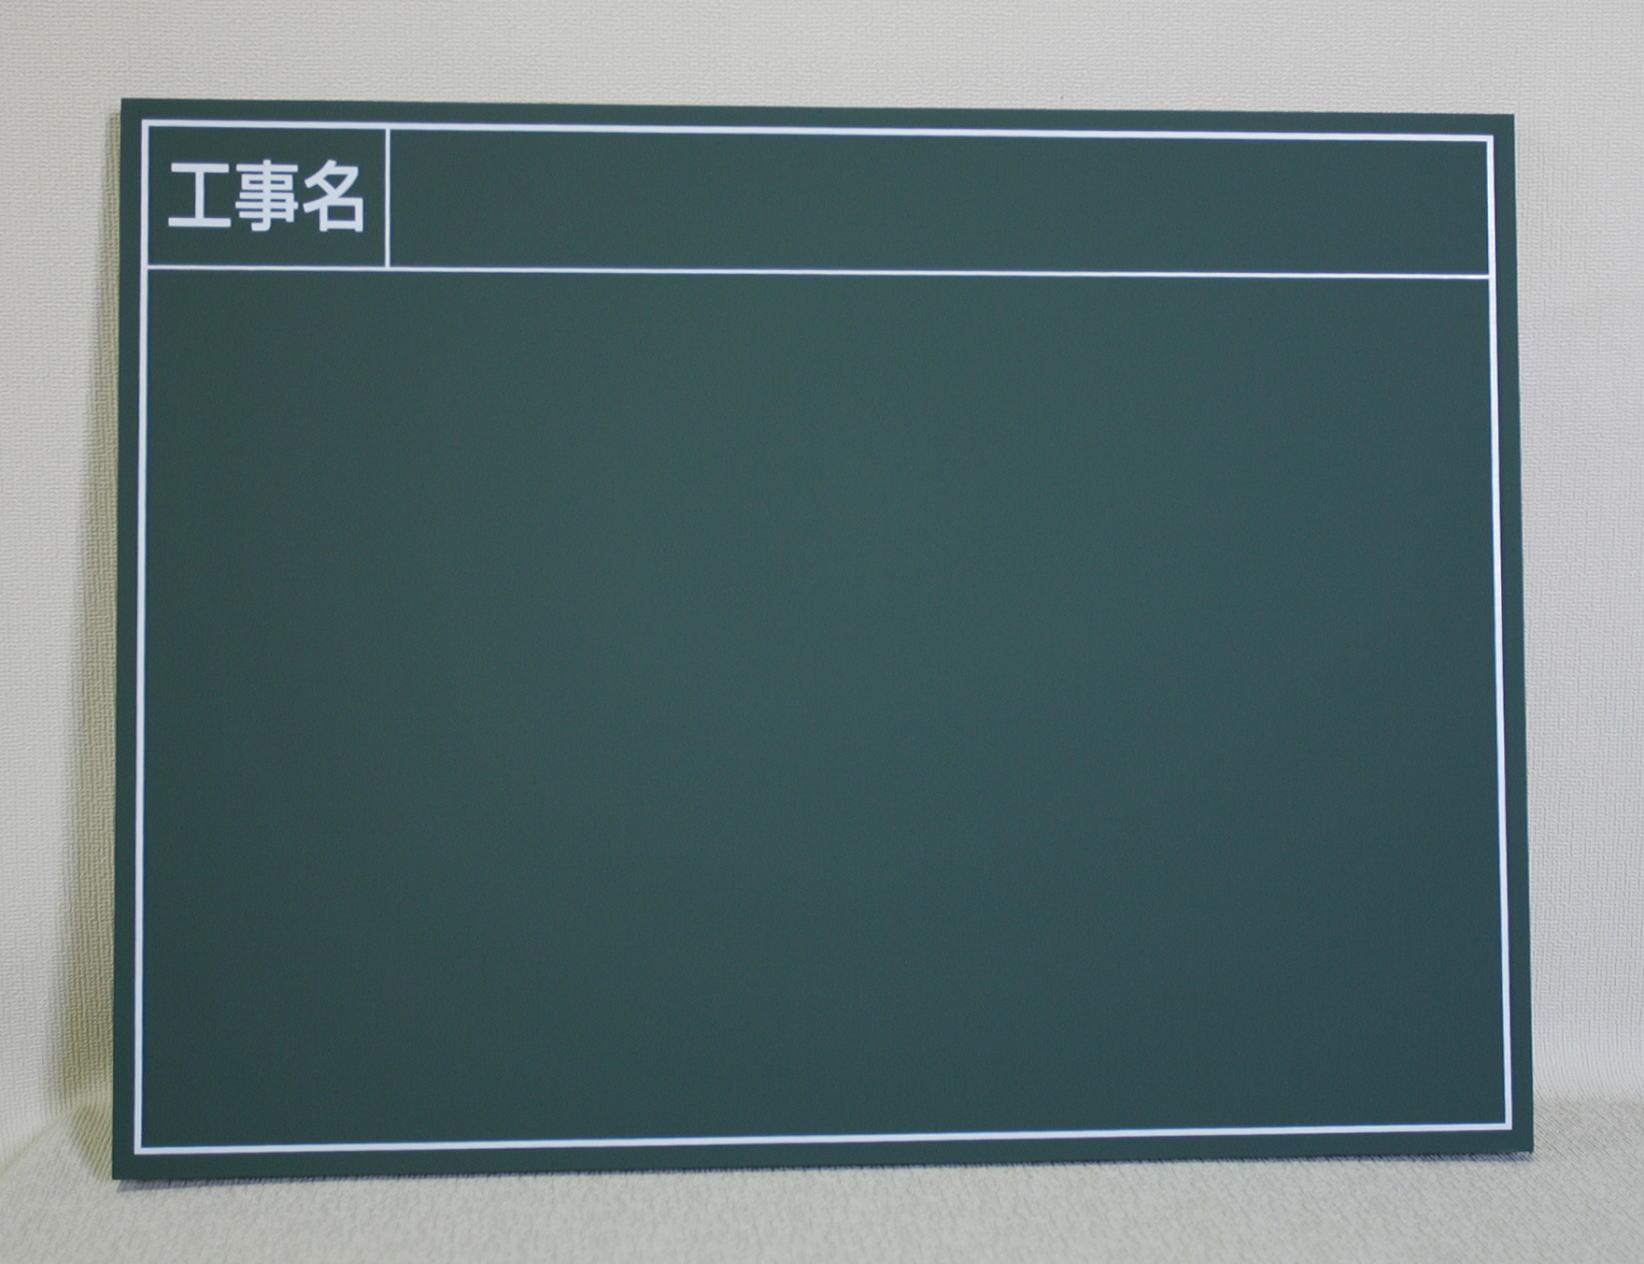 工事写真用黒板(木製) 工事名/  タテ45cm x ヨコ60cm x 厚さ2cm 重さ約1.35kg